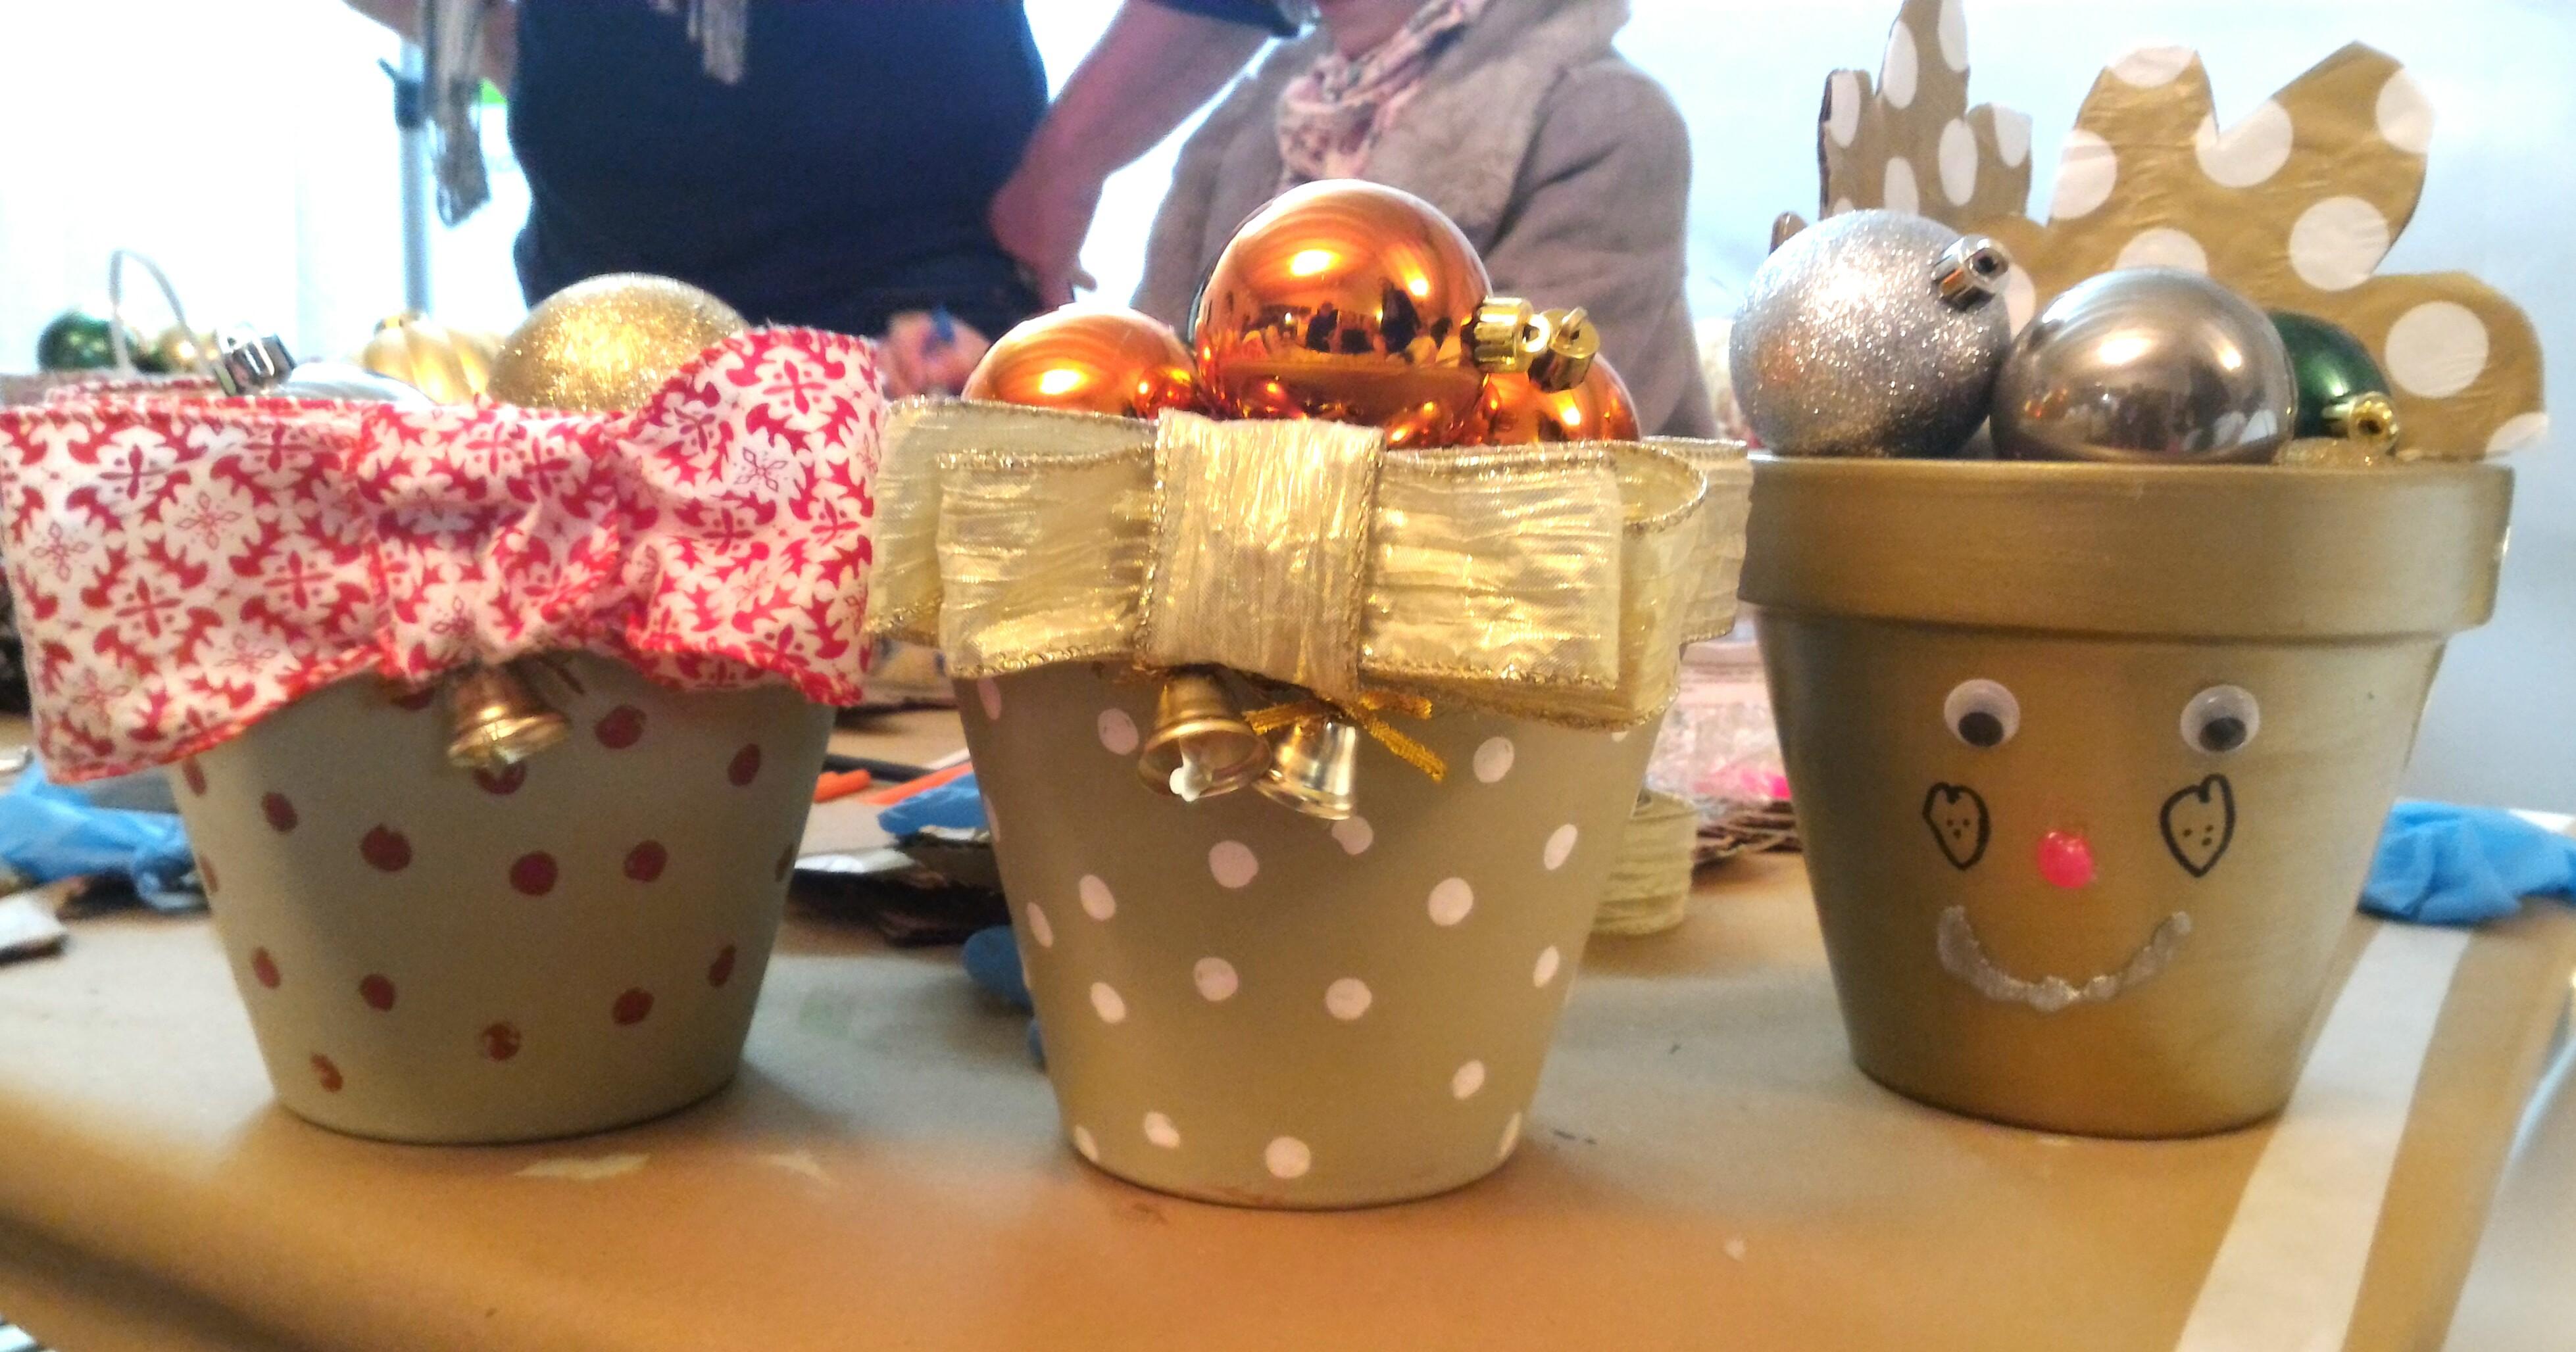 decoracion de navidad diy - Macetas decordas - talleres leroy merlin